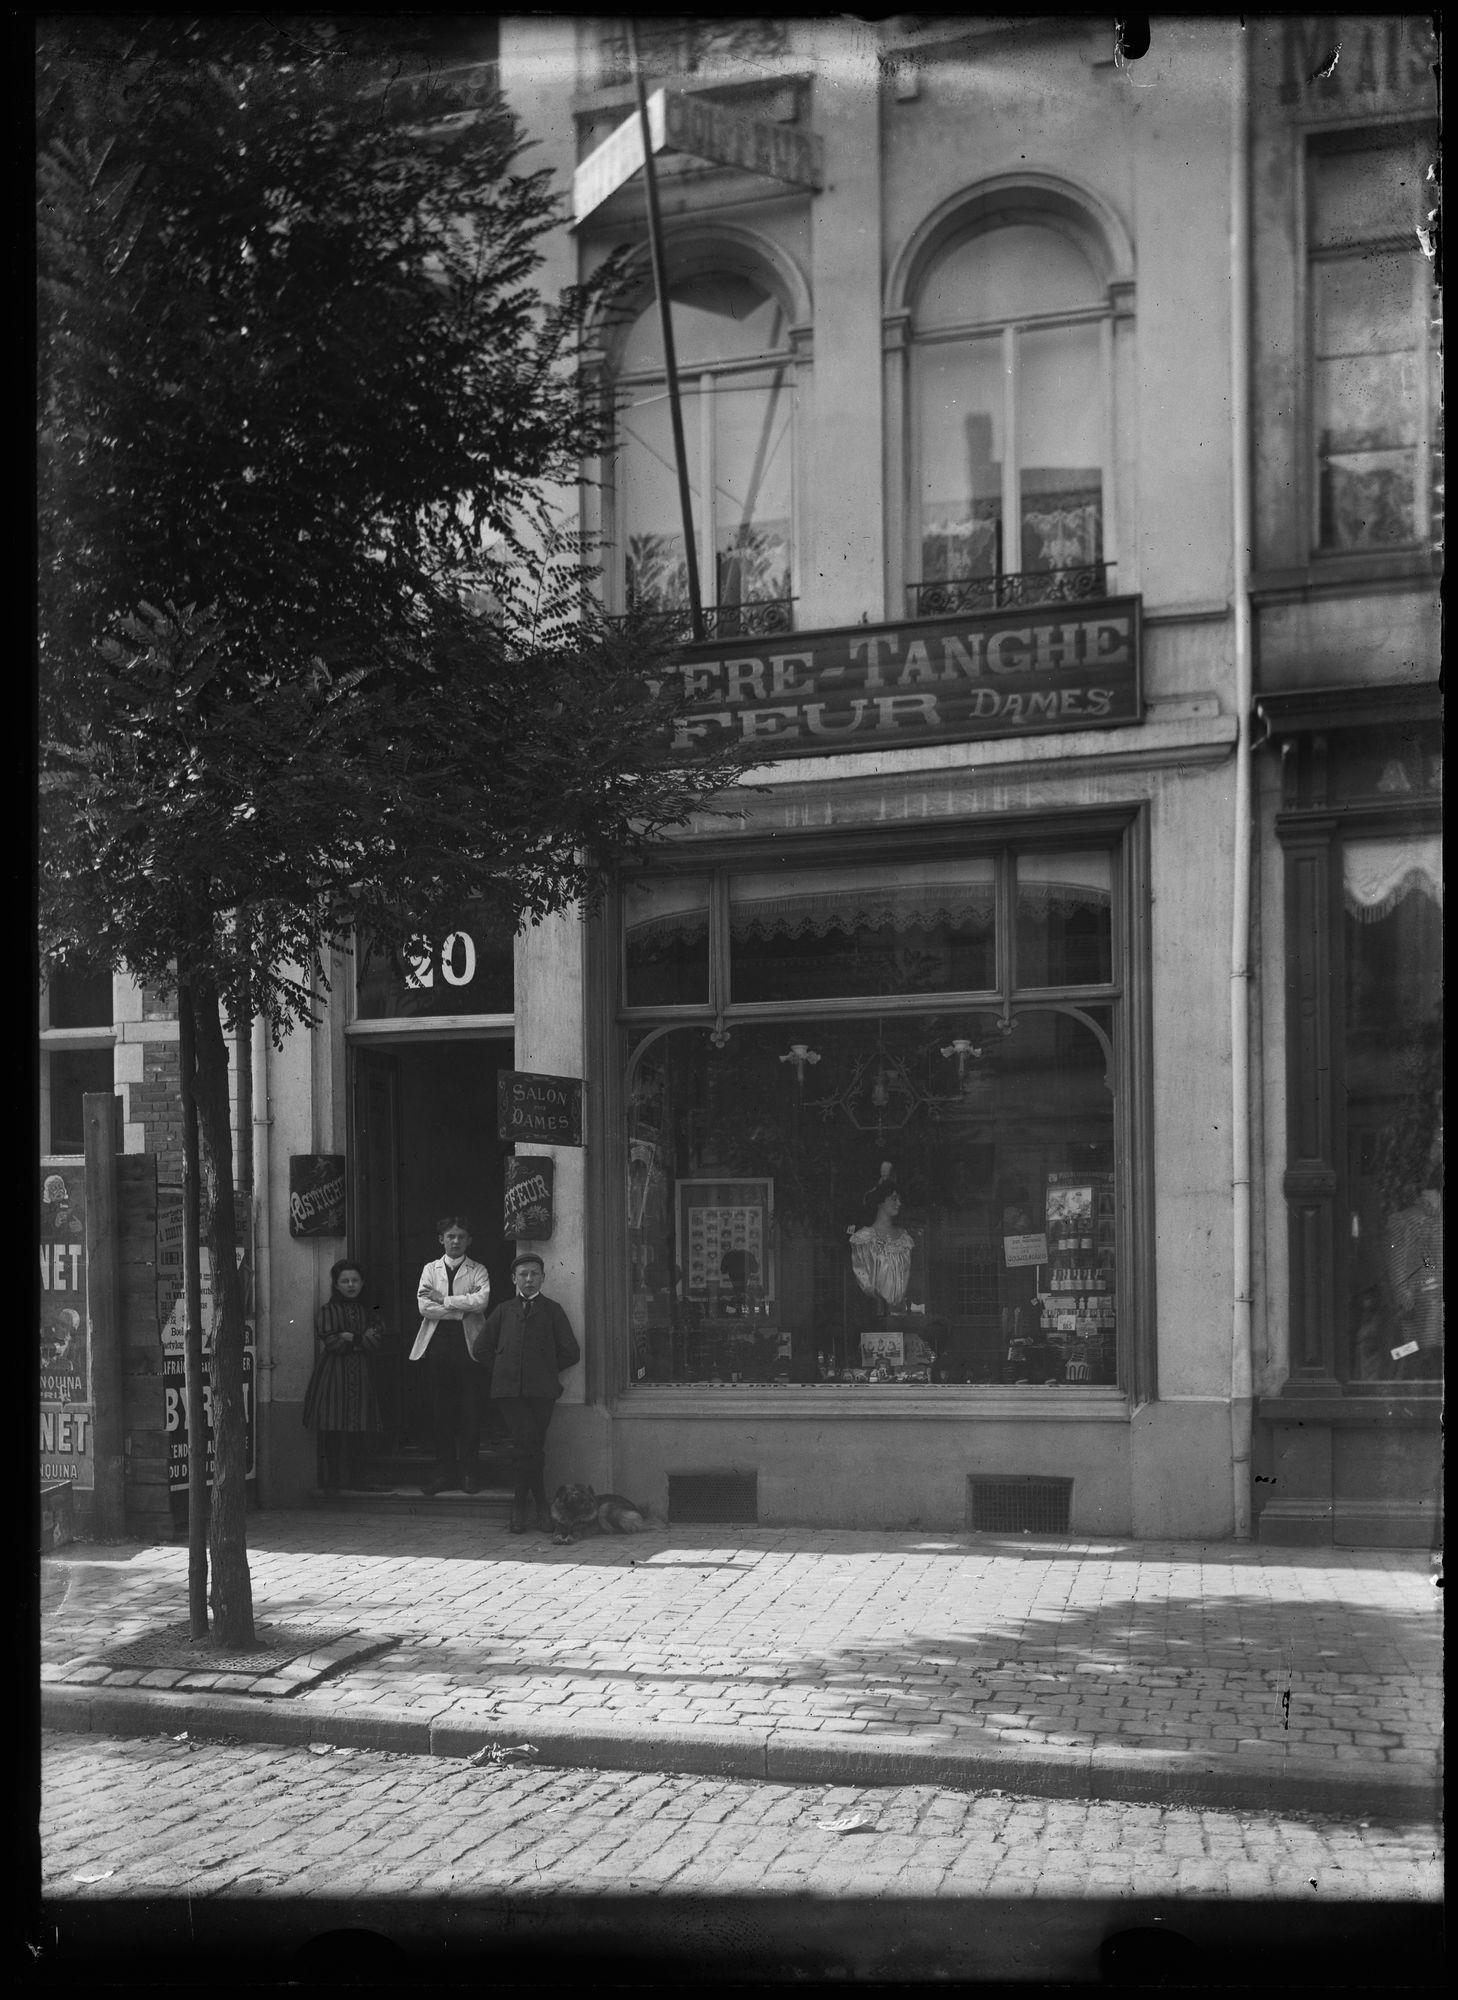 Kapsalon in de Doorniksestraat